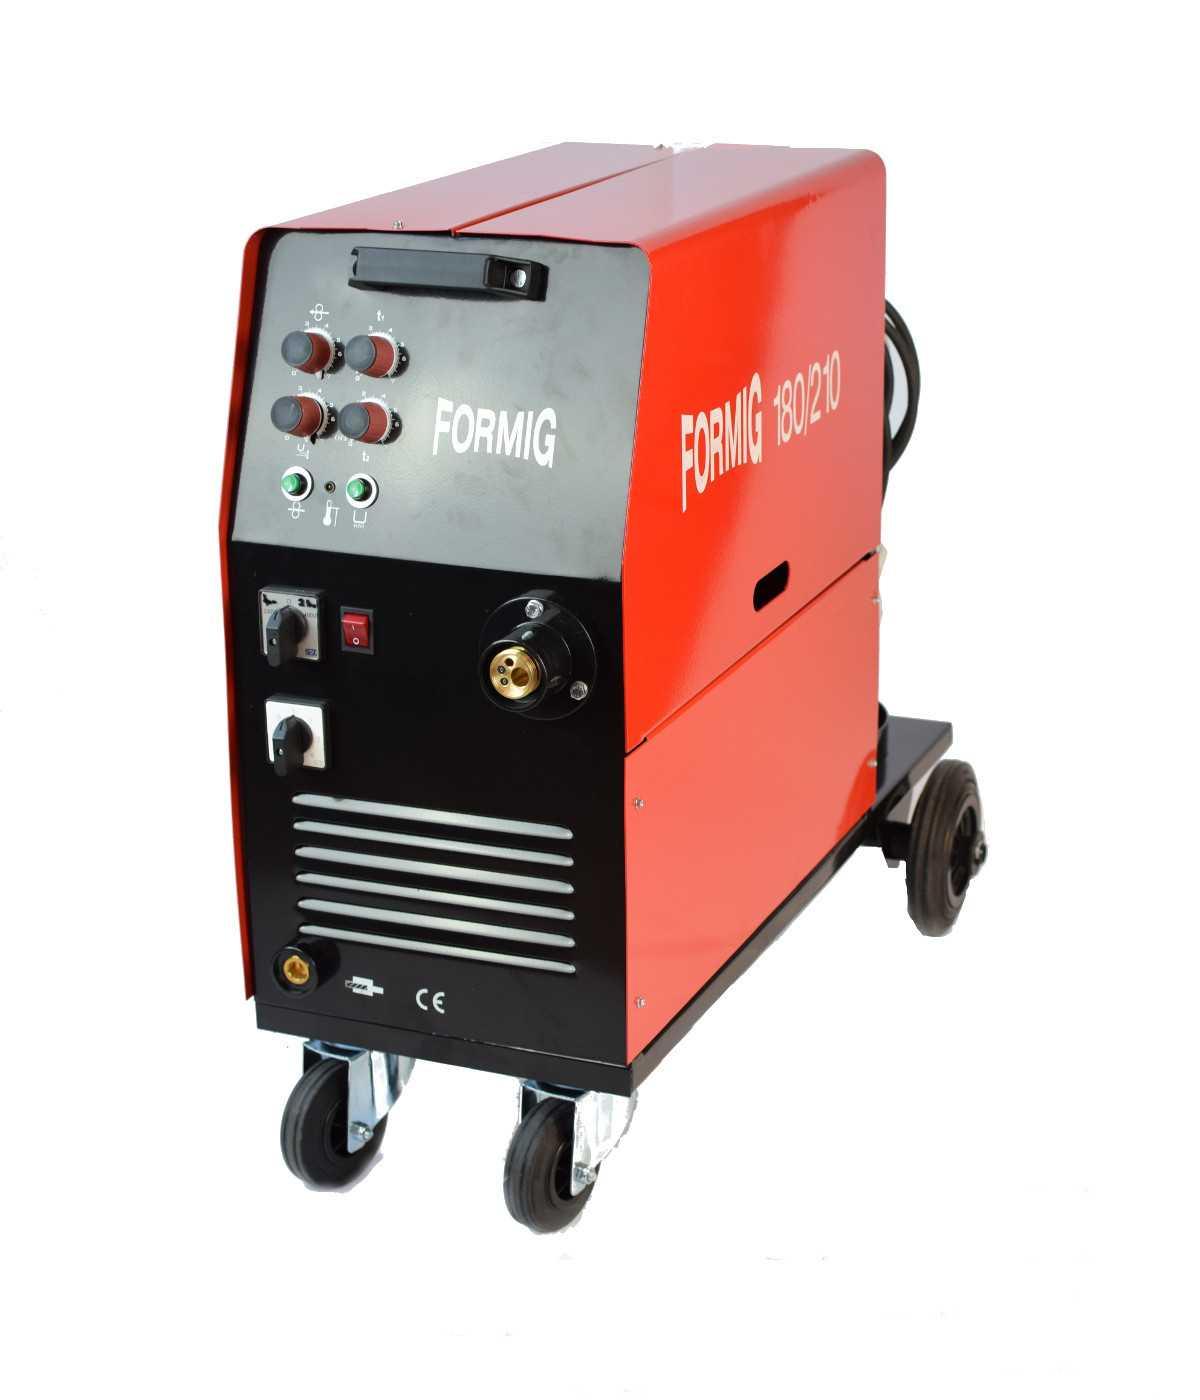 FORMIG 180/210 CO2 védőgázas transzformátoros hegesztőgép